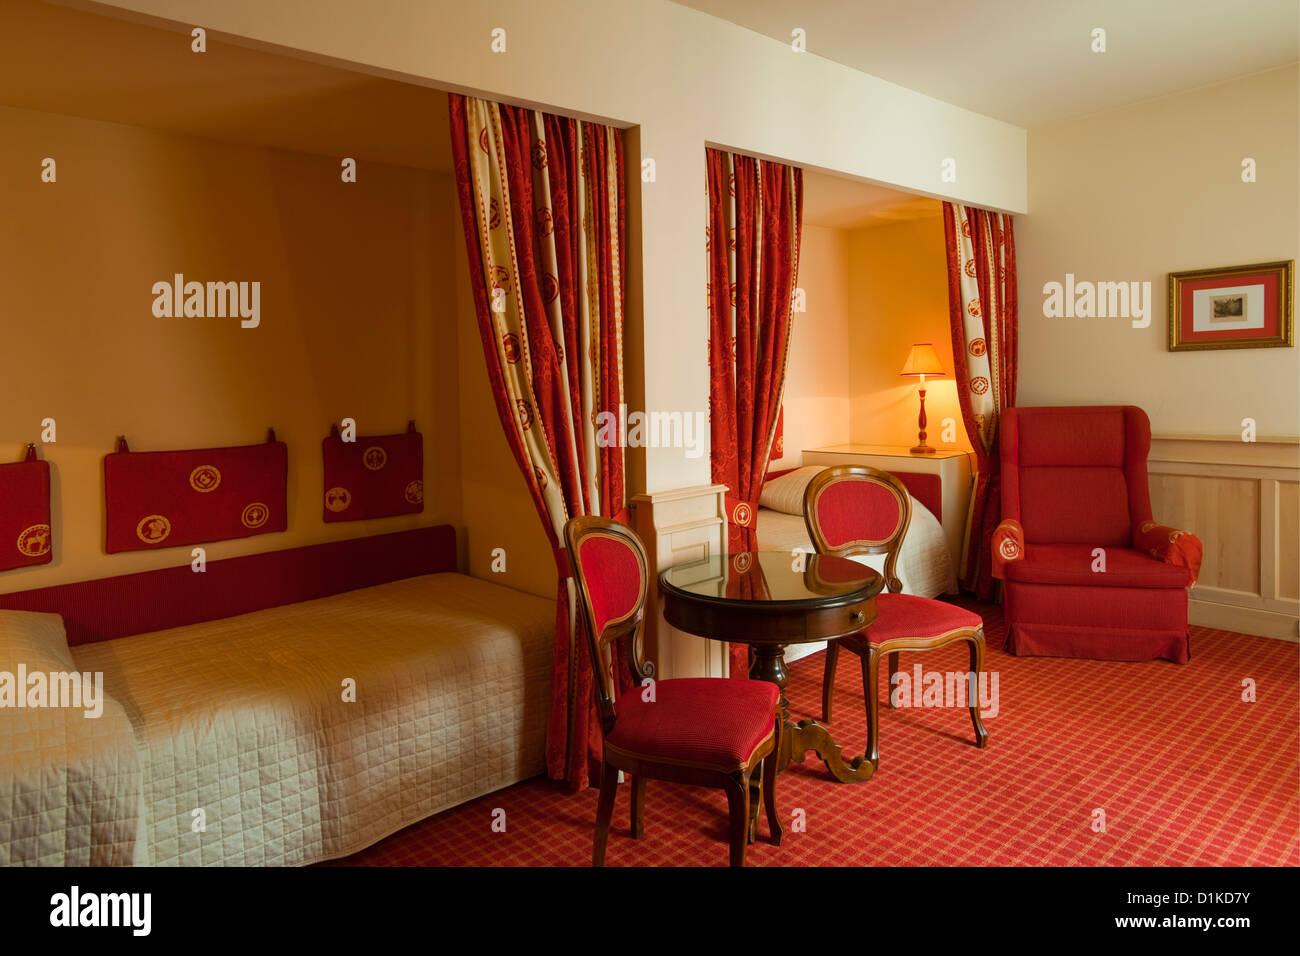 Österreich, Wien 1, schulerstrasse 10 Hotel König von Ungarn, Zimmer im historischen Teil des Hotels. Stockbild